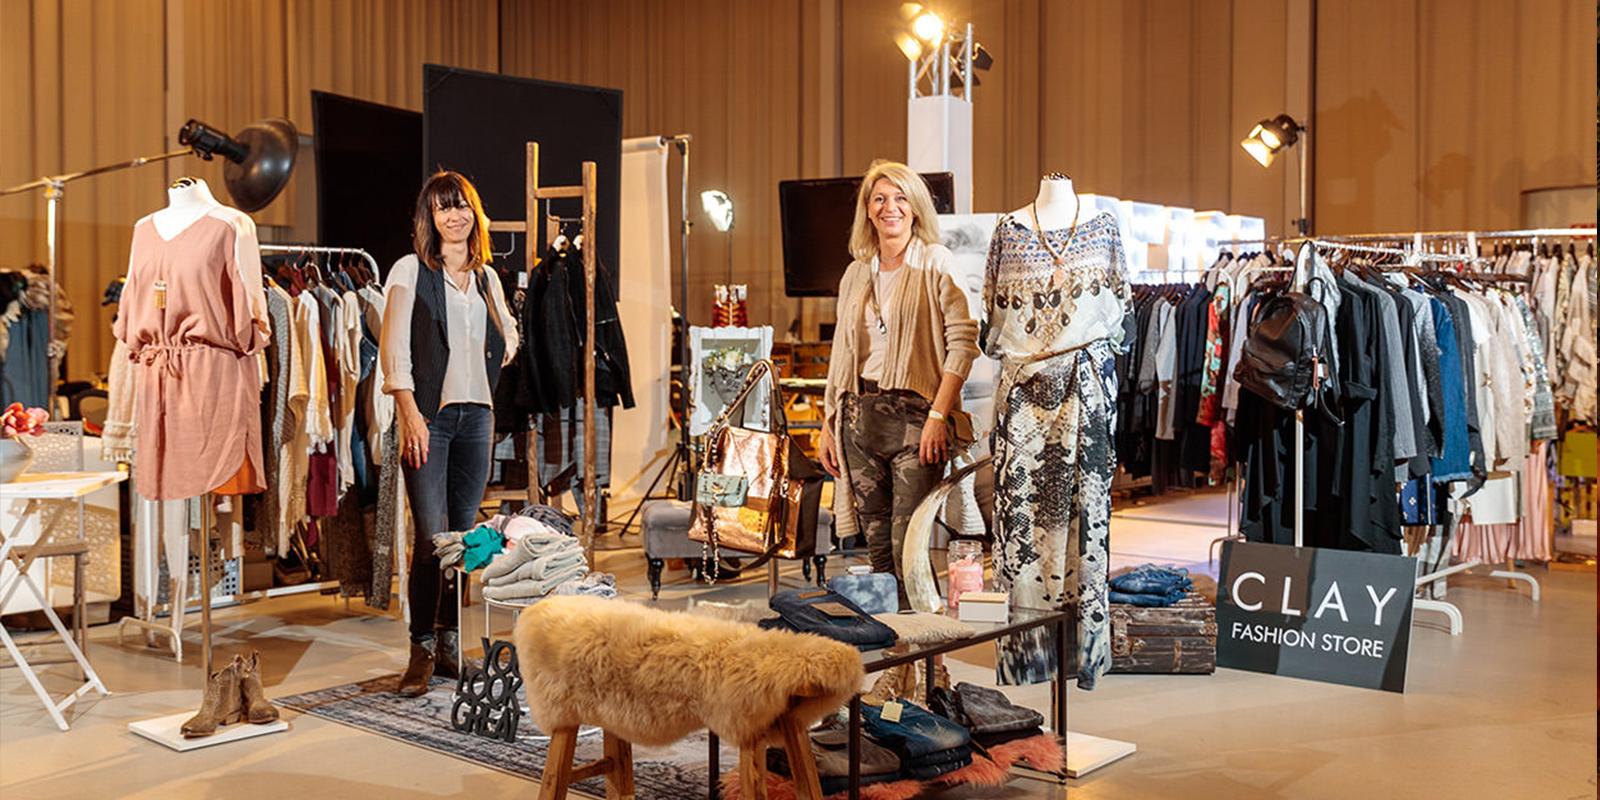 ladies-fashion-night-17-8x16-5